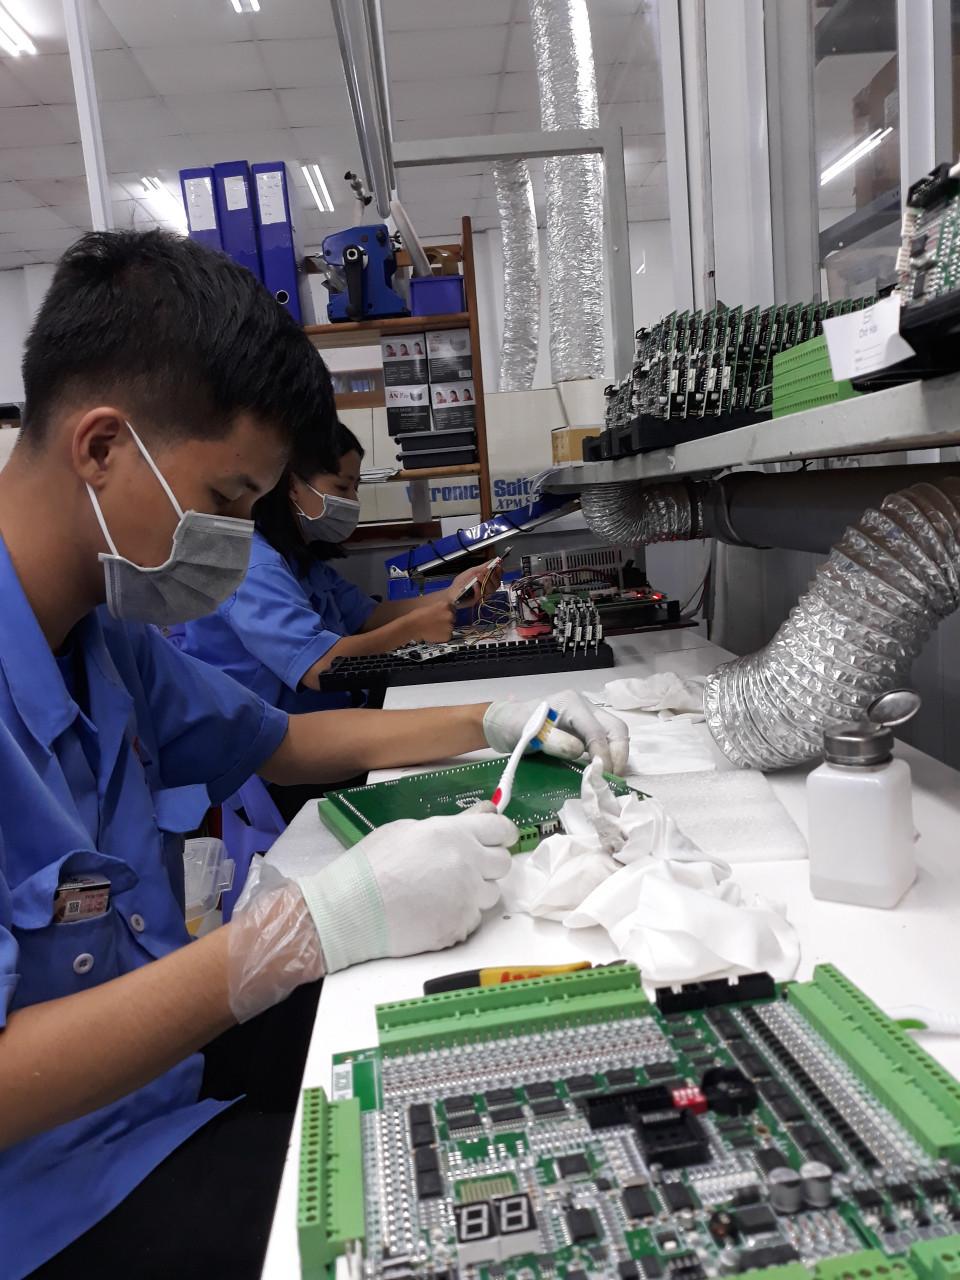 Sinh viên đang tham gia kiểm tra thành phẩm tại doanh nghiệp